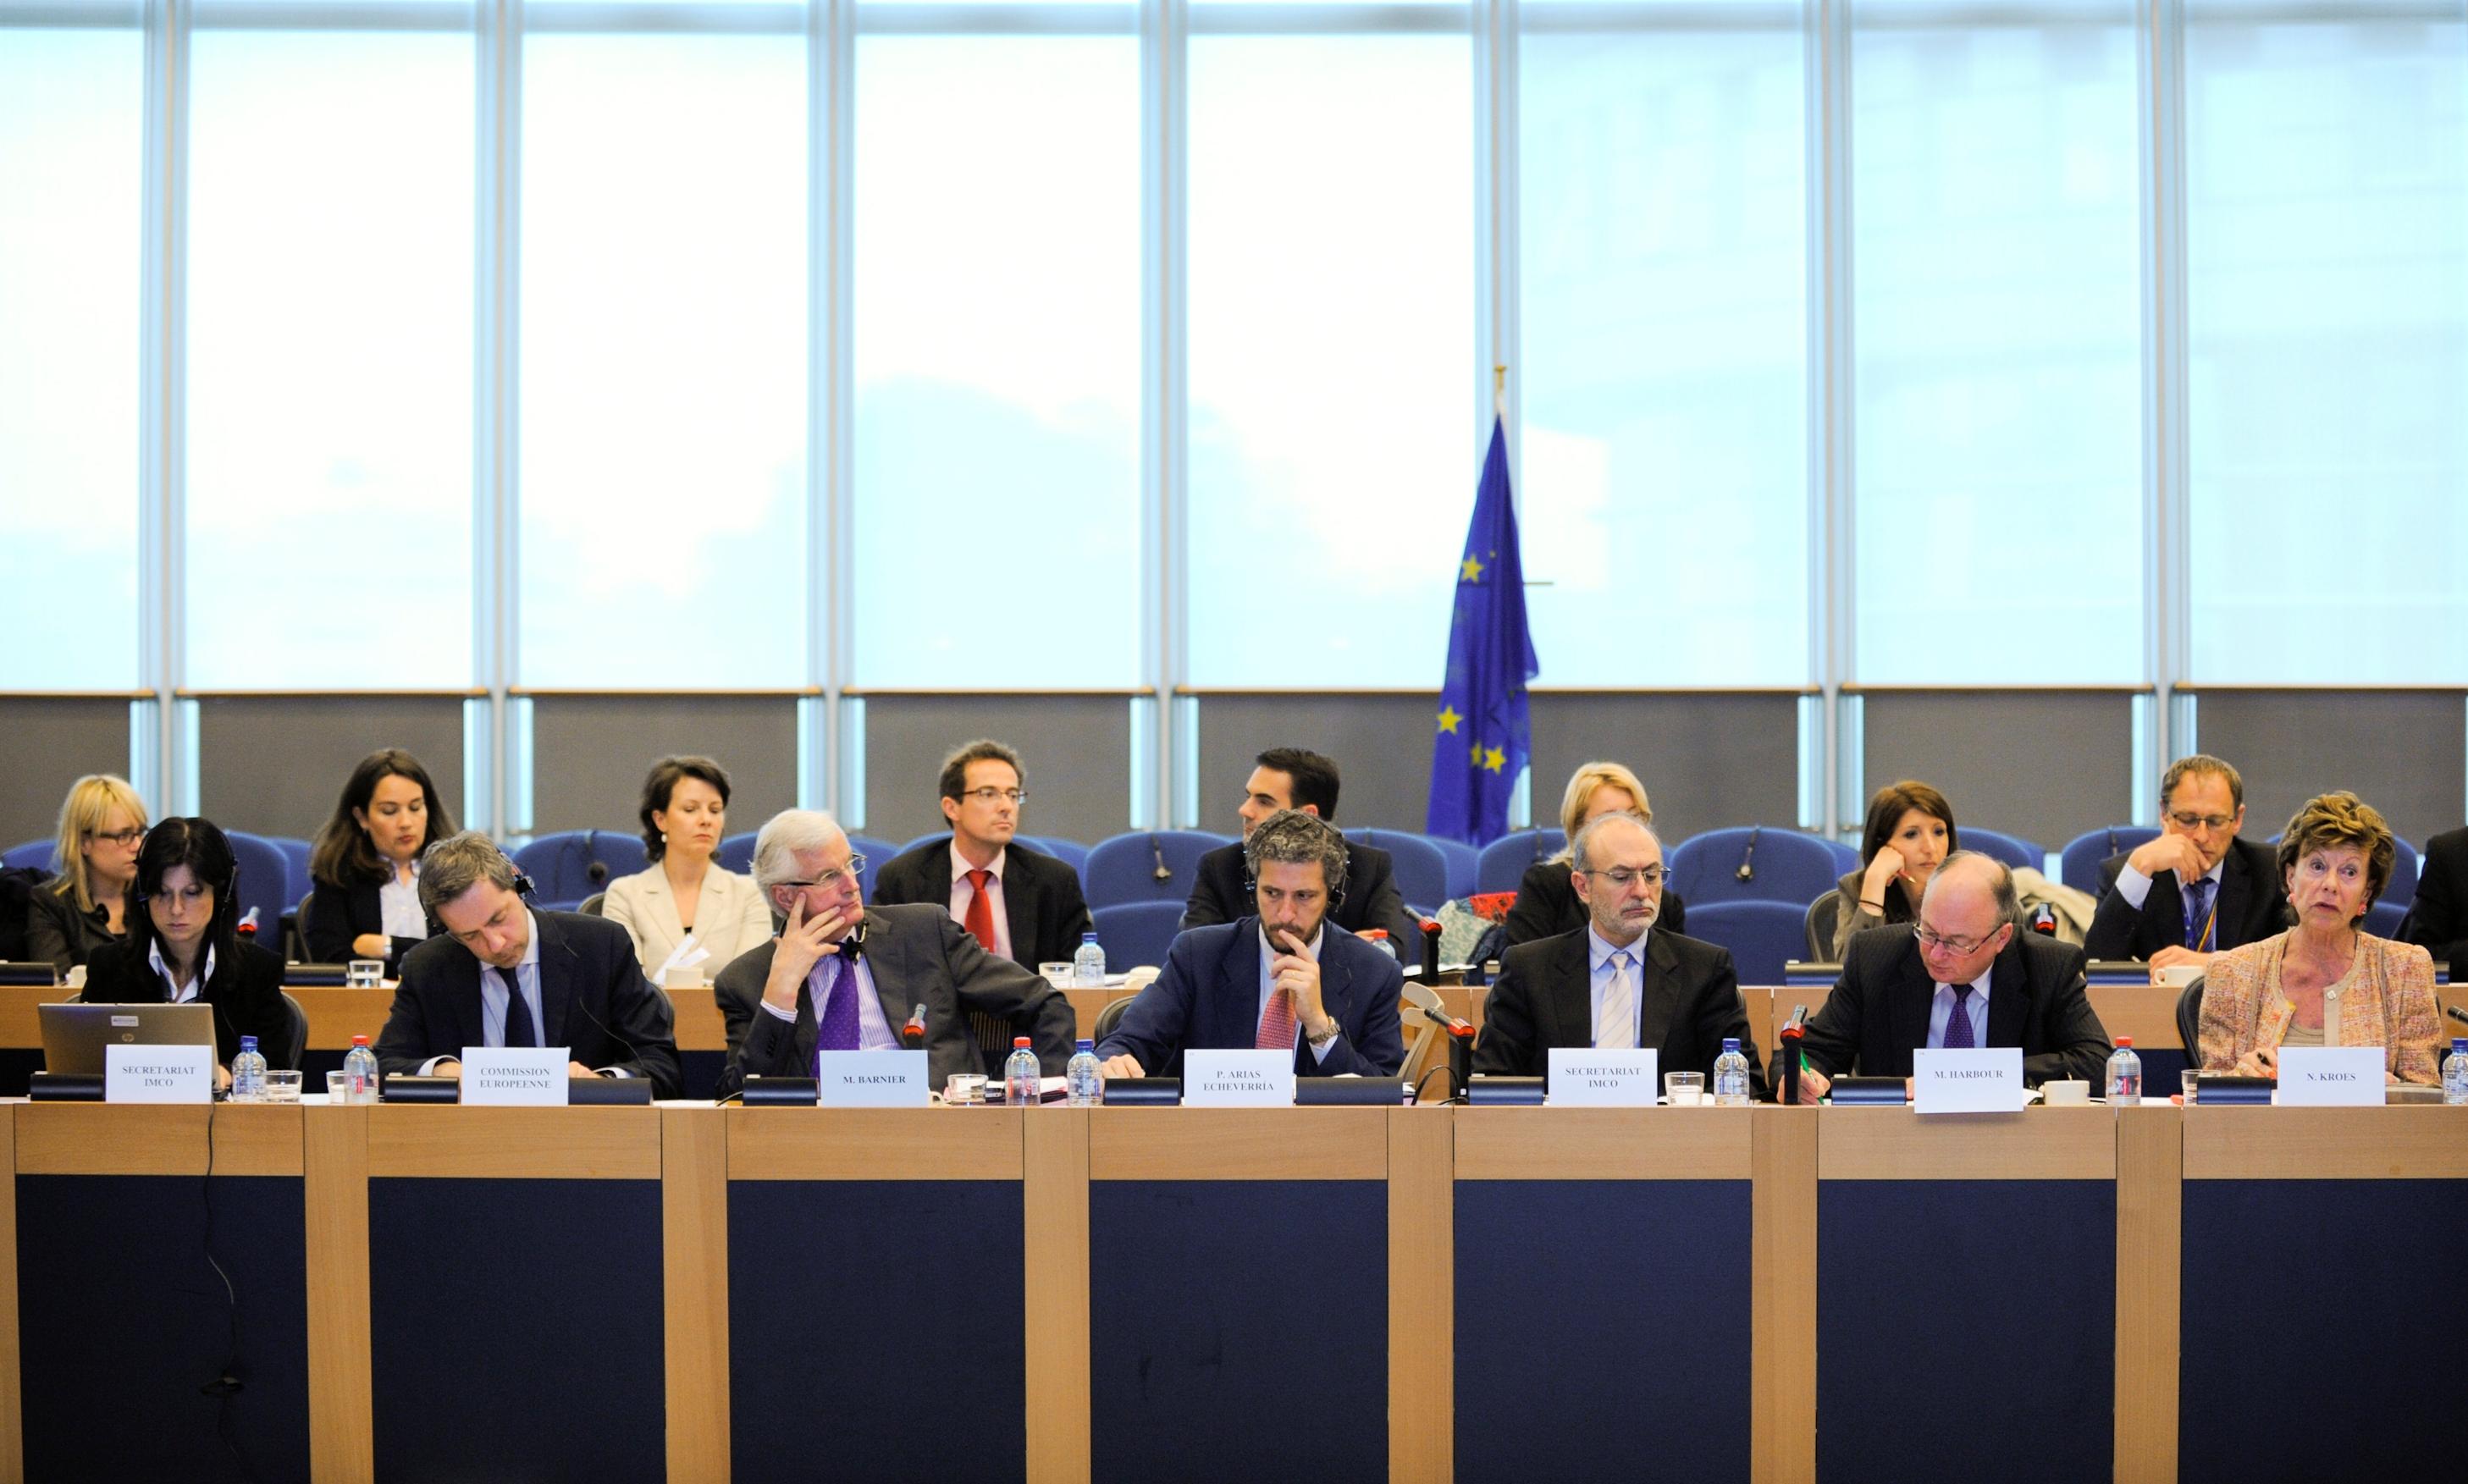 Prace Komisji IMCO w nadchodzącym tygodniu (22-23 stycznia 2014)